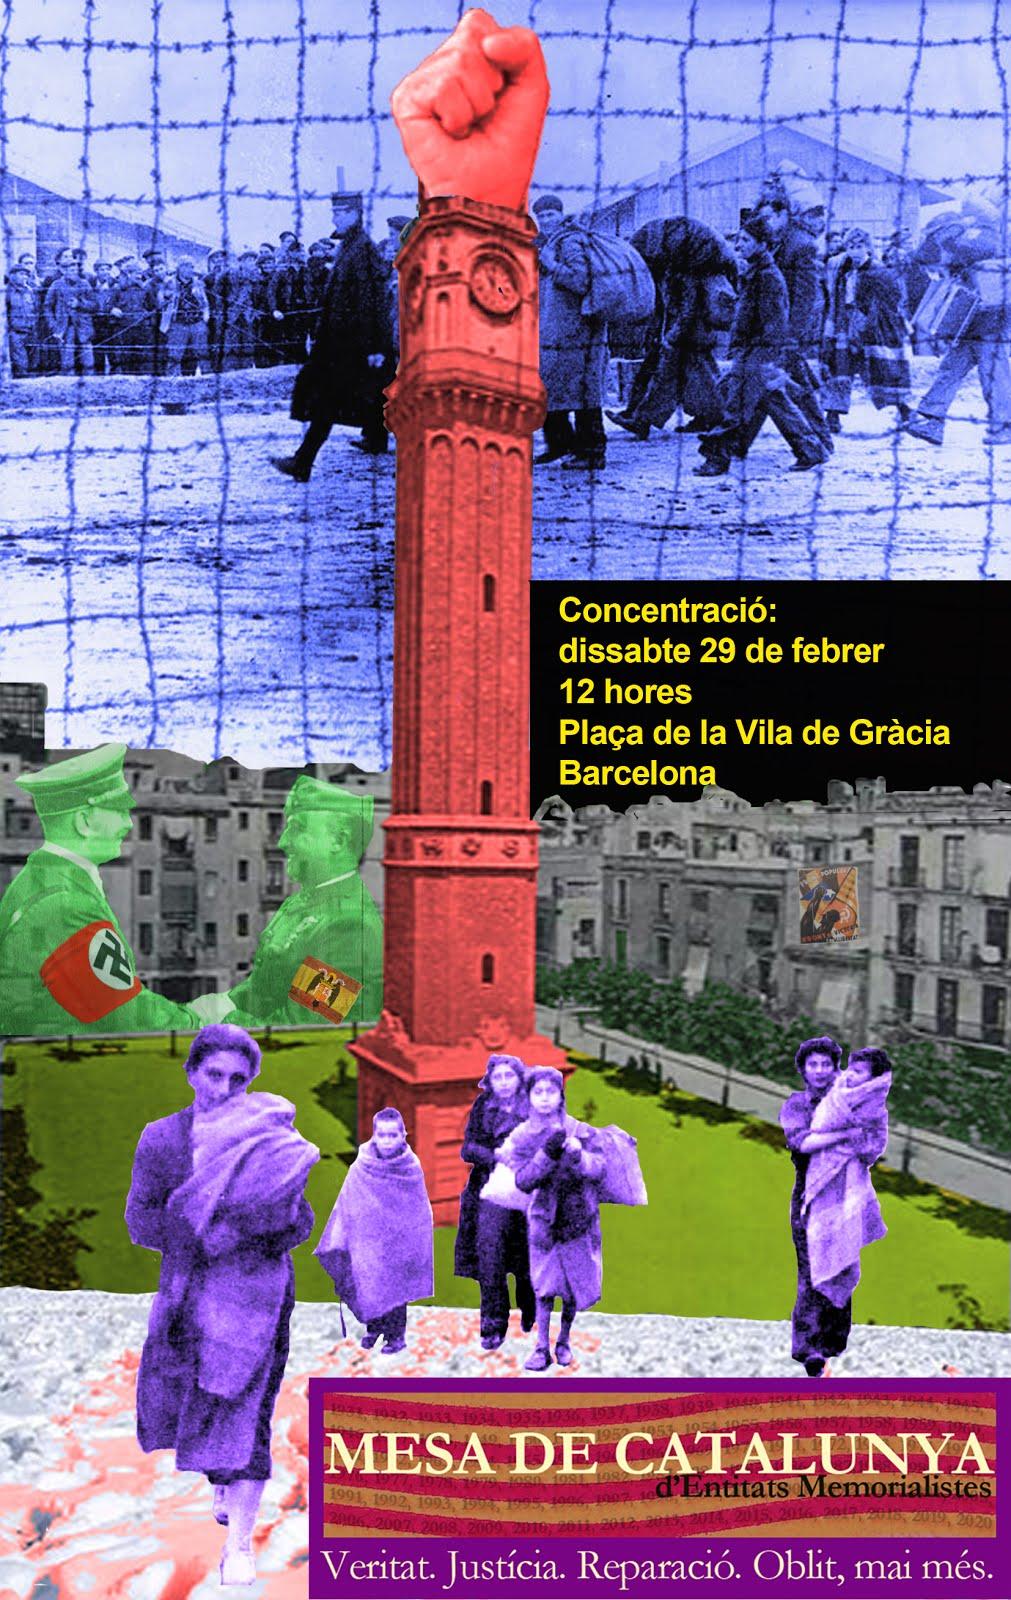 CENT DOTZENA CONCENTRACIÓ